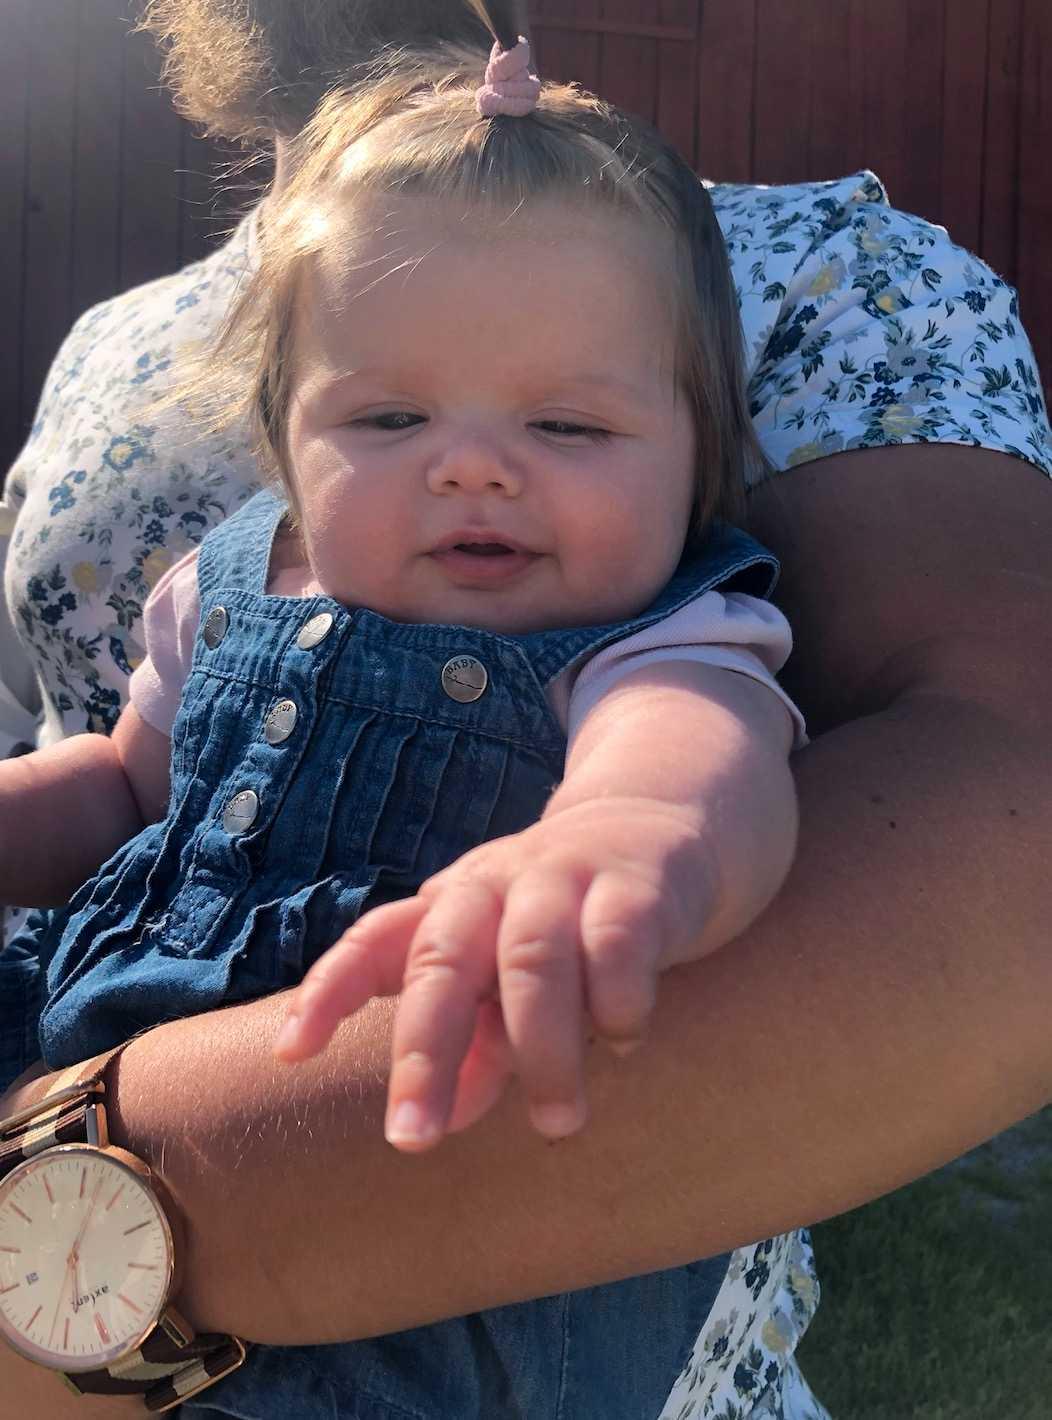 """Johanna Marjamäki från Bålsta: """"Min dotter är i dag tolv veckor och har helt underbart mycket hår, varje person som ser henne kommenterar hennes hår. När hon var en vecka kunde hon redan ha små toffsar""""."""